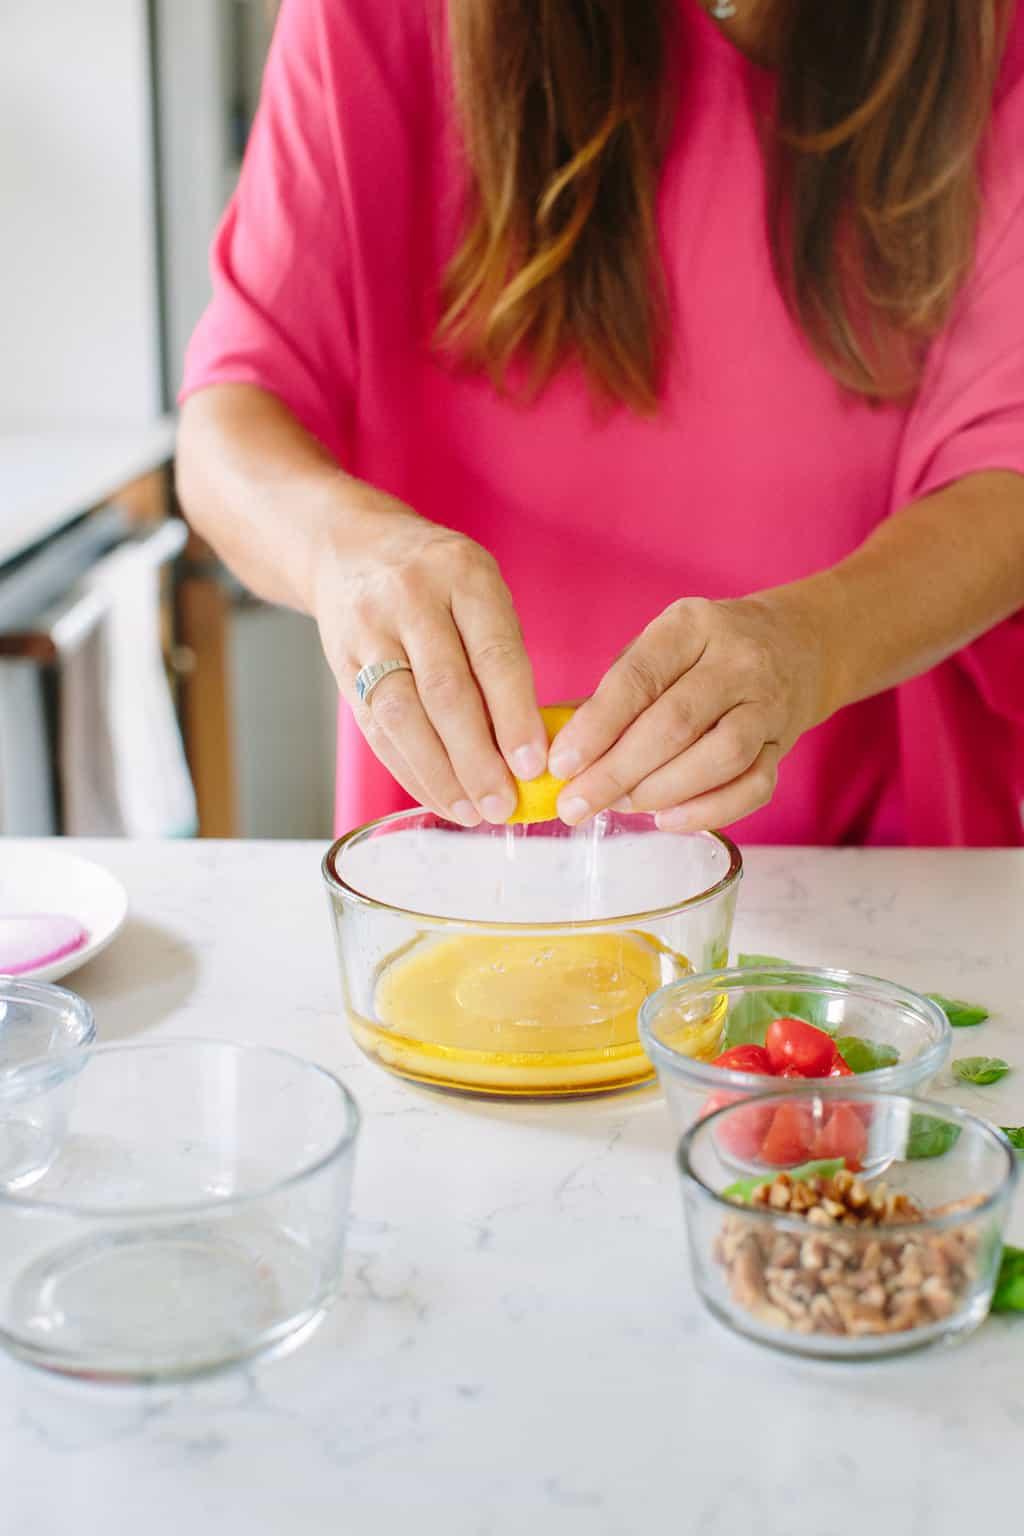 Citrus-Honey-Vinaigrette-Salad-Dressing-lemon